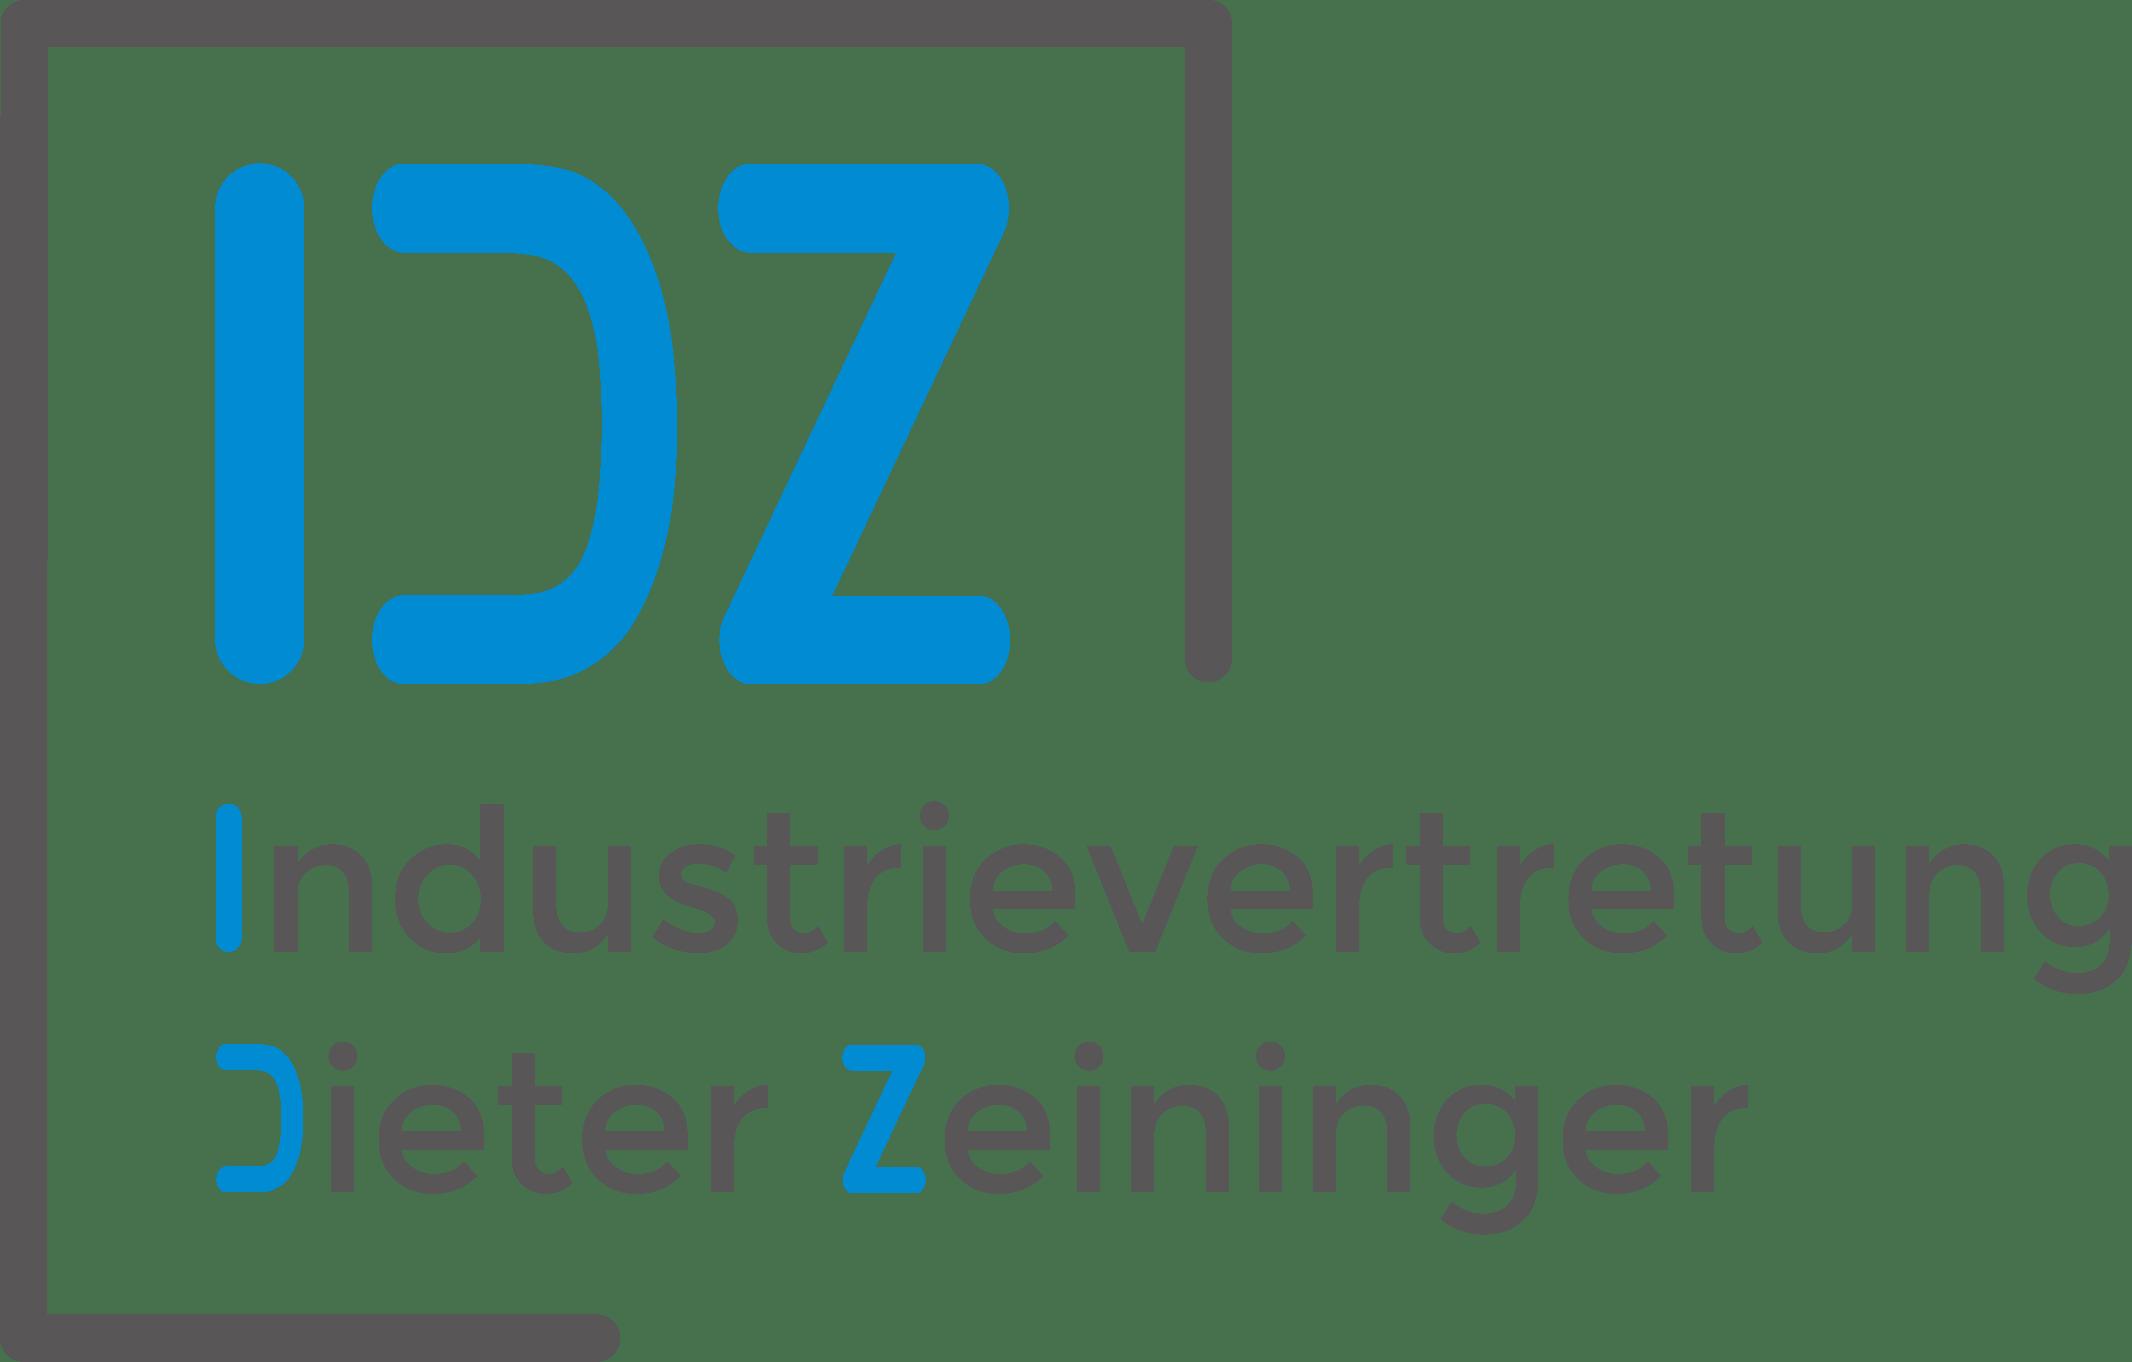 IDZ Dieter Zeininger LOGO